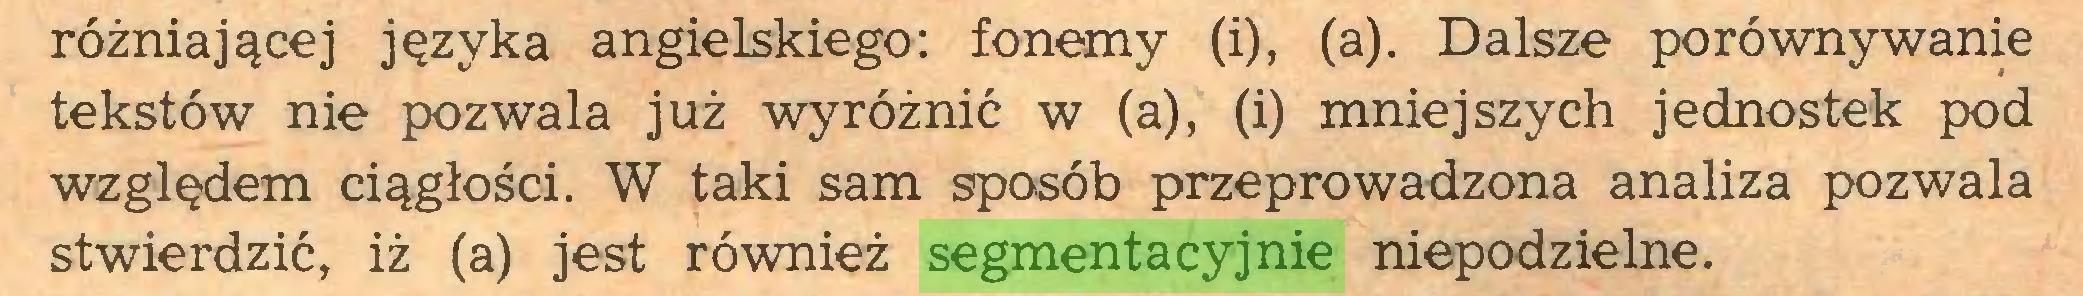 (...) różniającej języka angielskiego: fonemy (i), (a). Dalsze porównywanie tekstów nie pozwala już wyróżnić w (a), (i) mniejszych jednostek pod względem ciągłości. W taki sam sposób przeprowadzona analiza pozwala stwierdzić, iż (a) jest również segmentacyjnie niepodzielne...